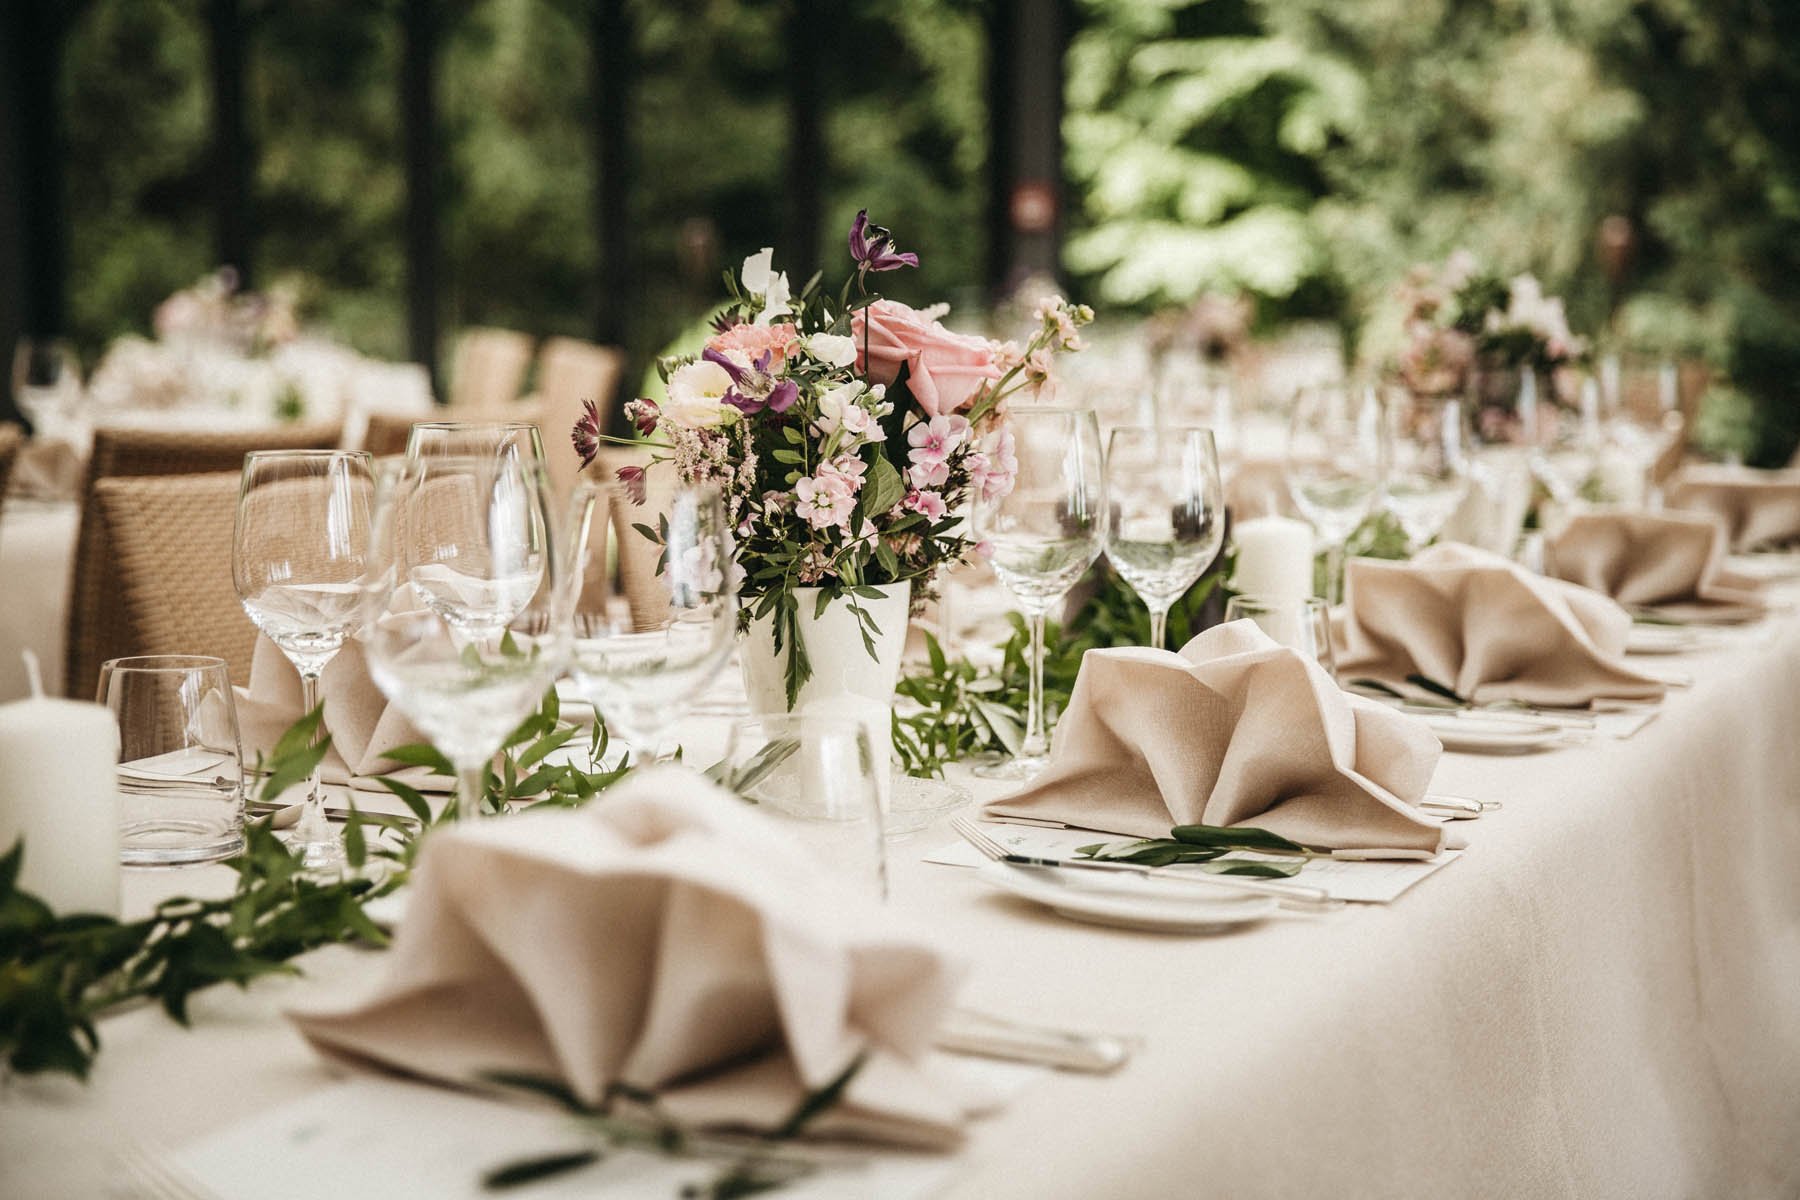 Greenery, vintage Hochzeitsdeko von Classy Flowers in der La Villa | Raissa + Simon Fotografie